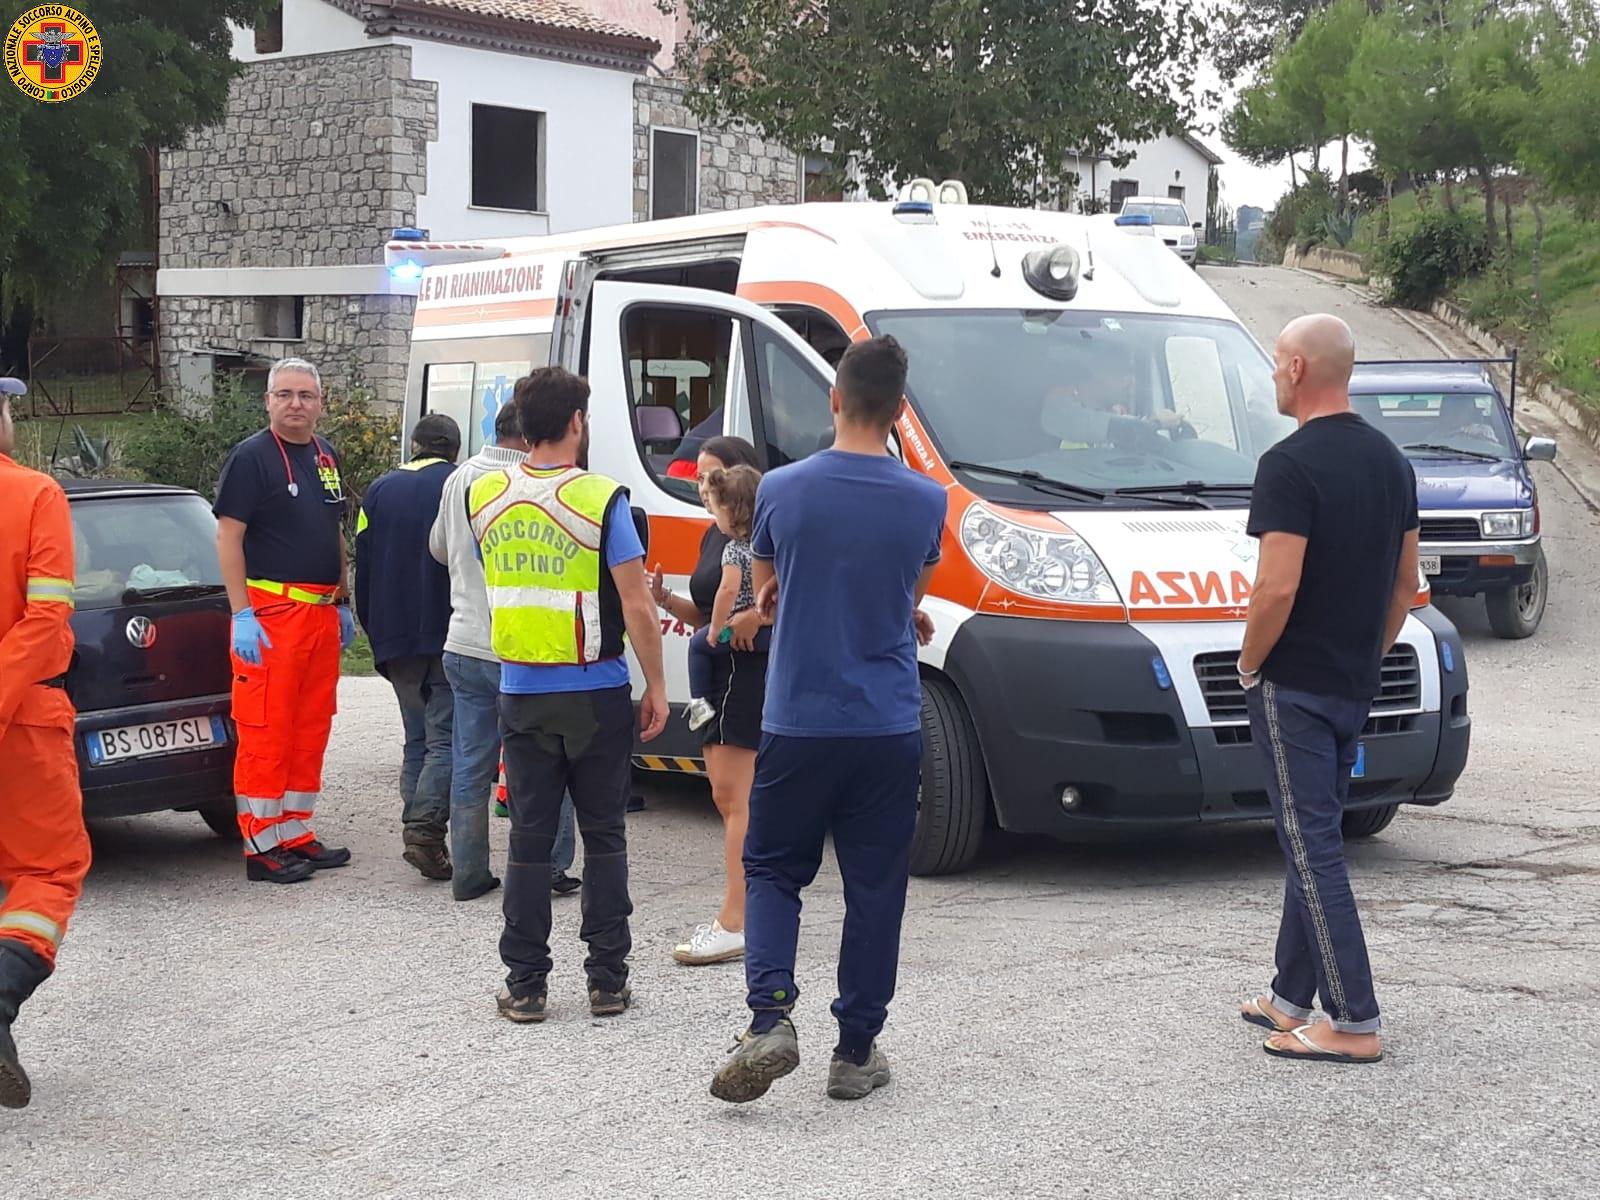 Ritrovato dal soccorso Alpino il 50enne di Trivento che da ieri aveva fatto perdere le sue tracce. Il ritrovamento in contrada Morgitelle del comune di Civitacampomarano.